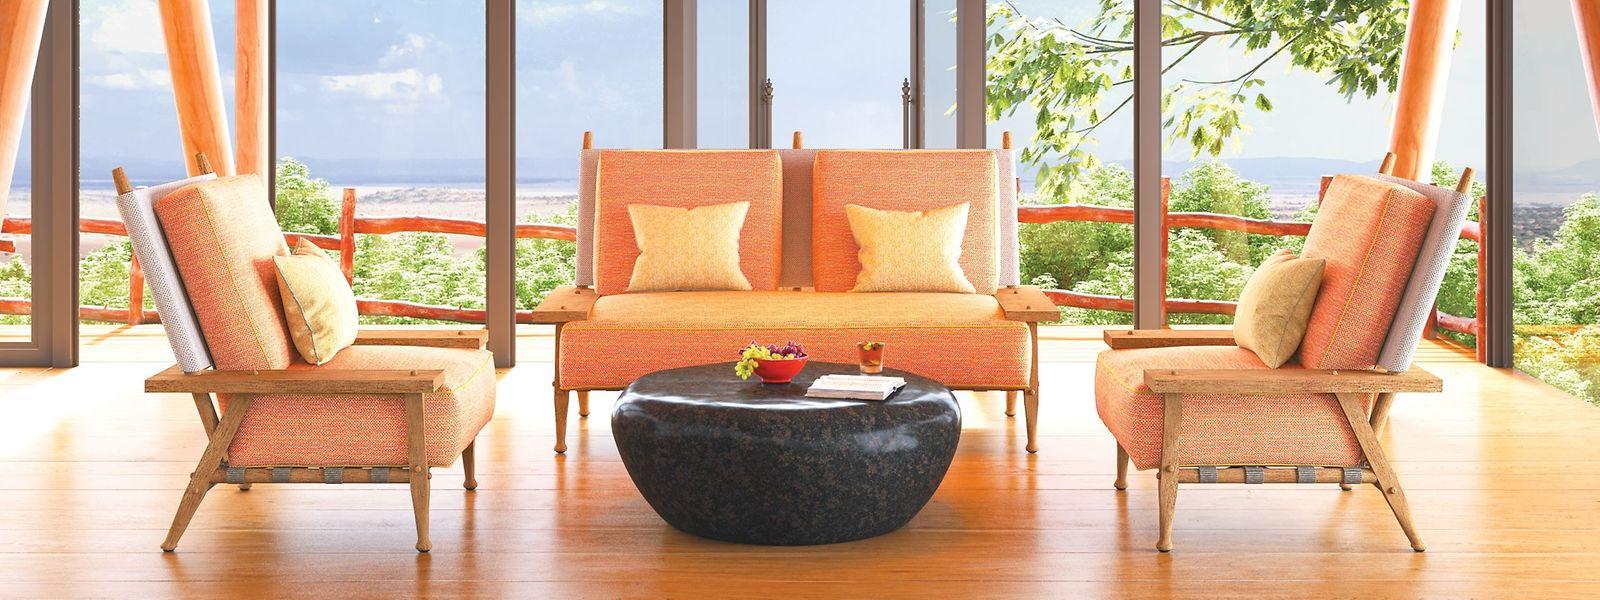 Auch Stardesigner und -architekt Philippe Starck war mit einer neuen Kollaboration in Mailand vertreten. Gemeinsam mit dem US-amerikanischen Outdoor-Möbelhersteller JANUS et Cie wurde die Serie Serengeti vorgestellt.